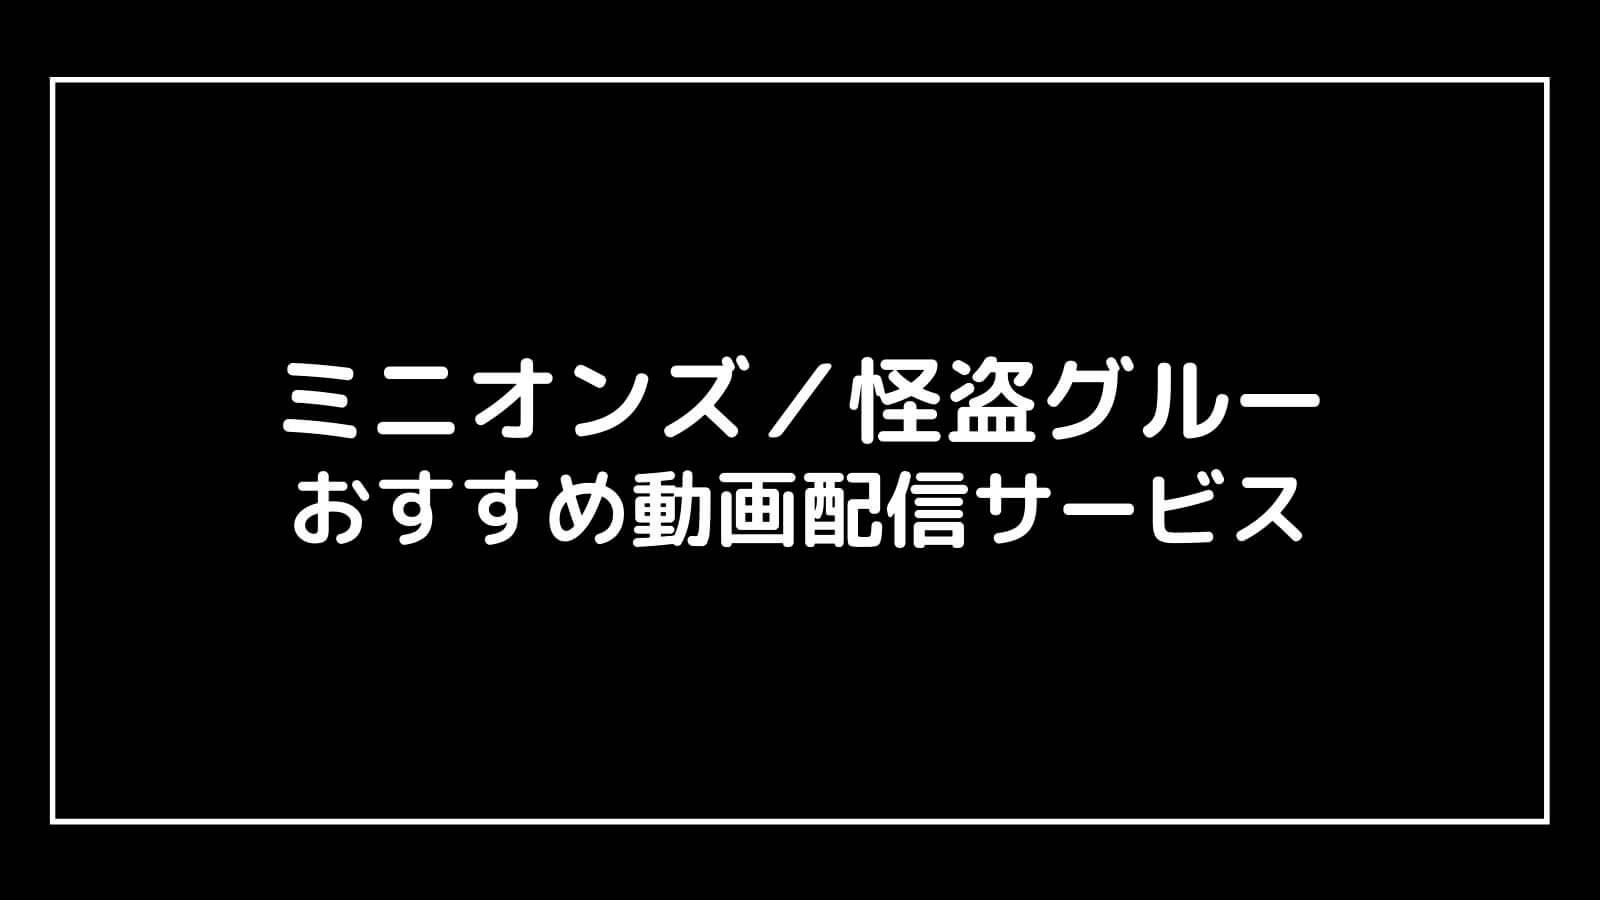 映画『ミニオンズ(怪盗グルー)』を無料視聴できるおすすめ動画配信サービス【2022年公開の最新作『フィーバー』割引券あり】